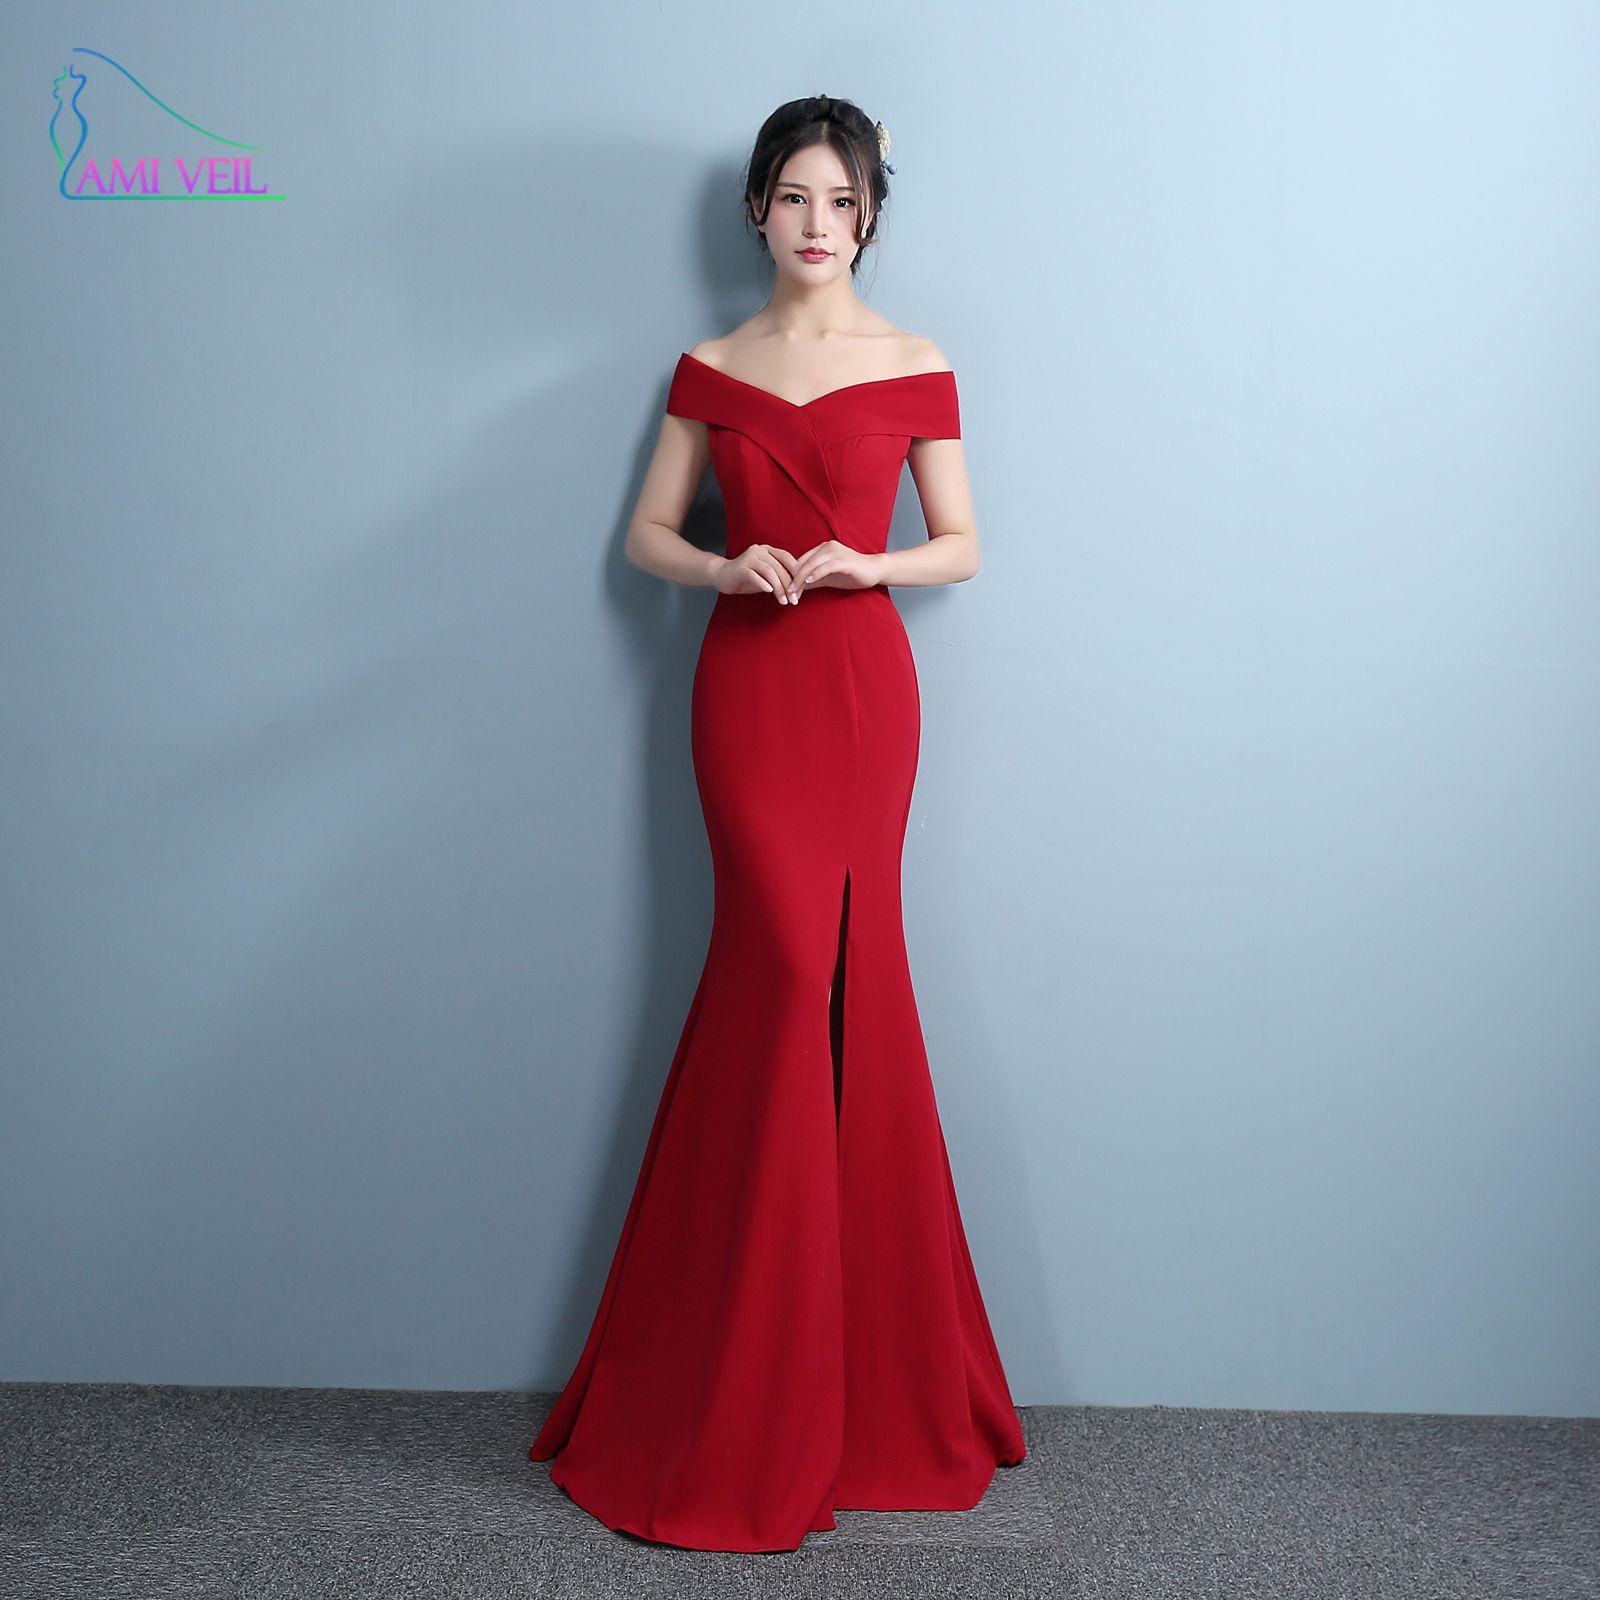 Mermaid Suknie Wieczorowe Designer Side Podział Czerwona Sukienka na  Studniówkę Sexy długie Suknie Wieczorowe V Neck Importowane Party Vestidos  De Gala ... 5e4787c9ac53